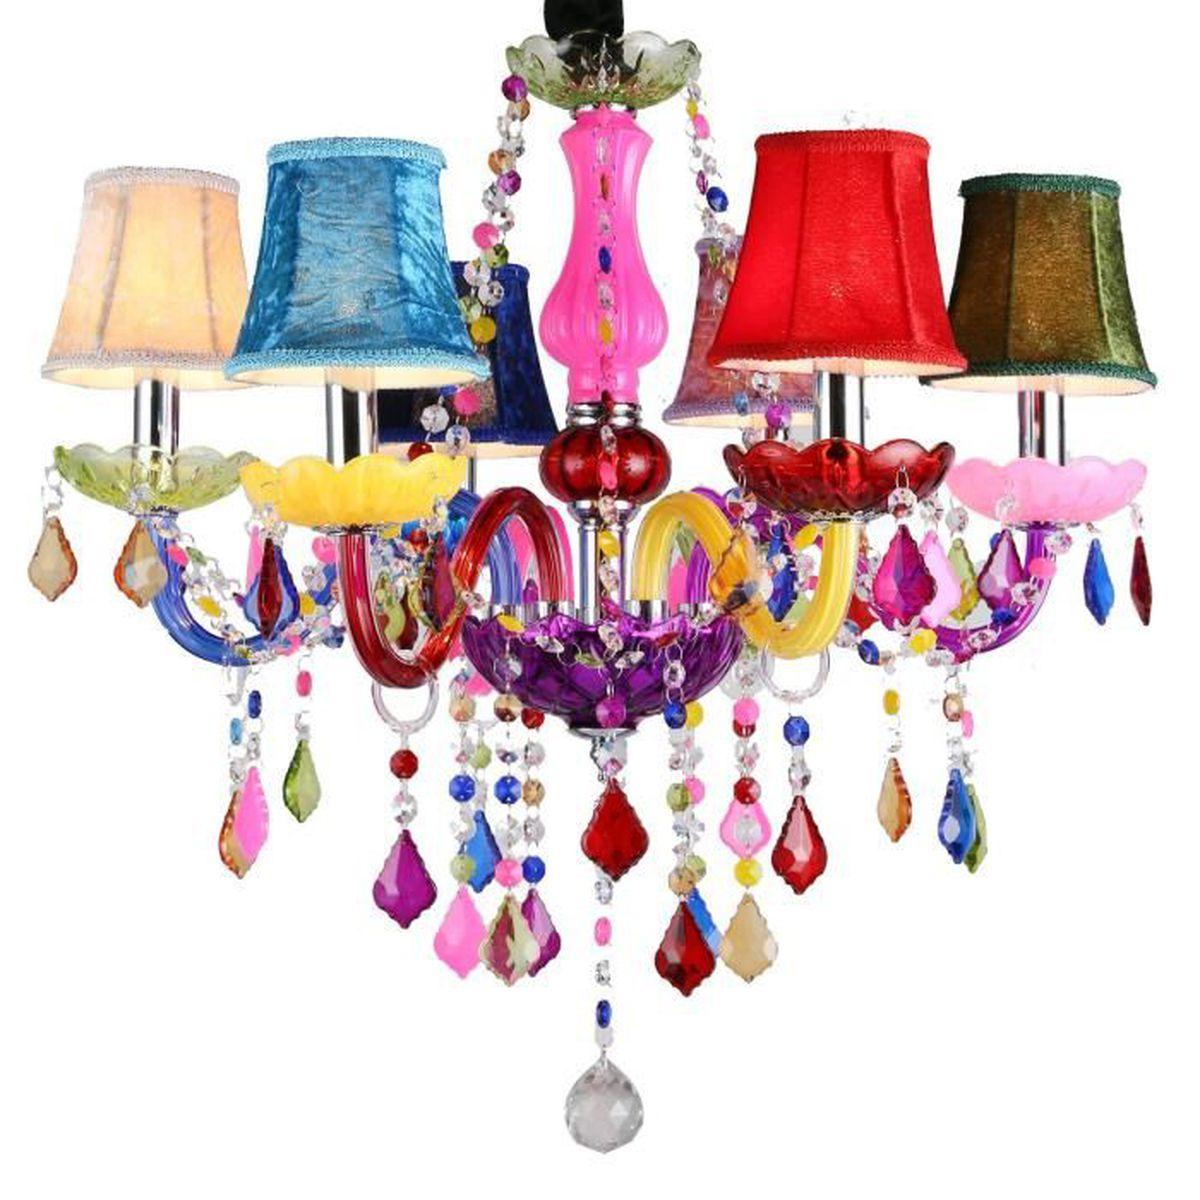 LUSTRE ET SUSPENSION 6 lustre en cristal coloré lustre pampilles plafon